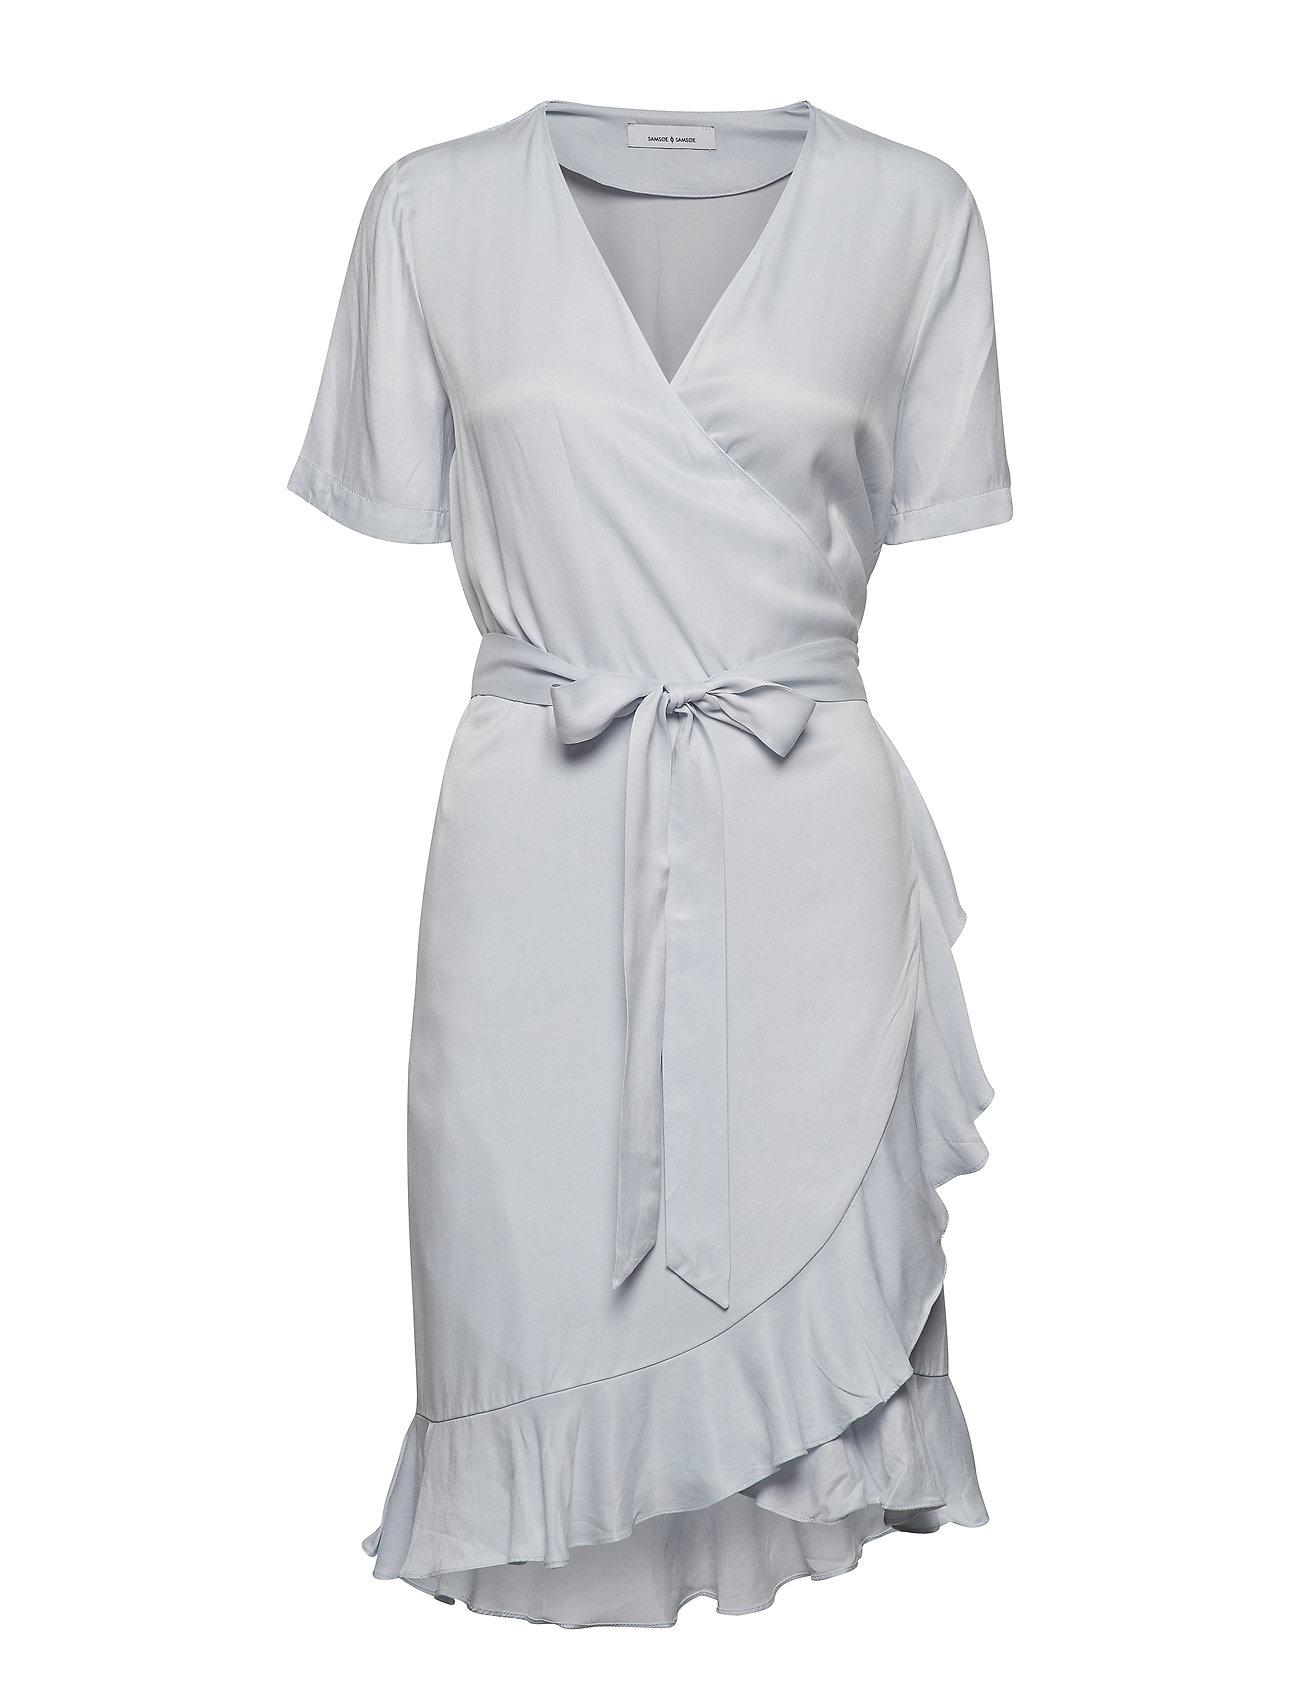 e0b8e2ec2142 Limon Ss Dress 9941 (Halogen Blue) (£130) - Samsøe   Samsøe ...